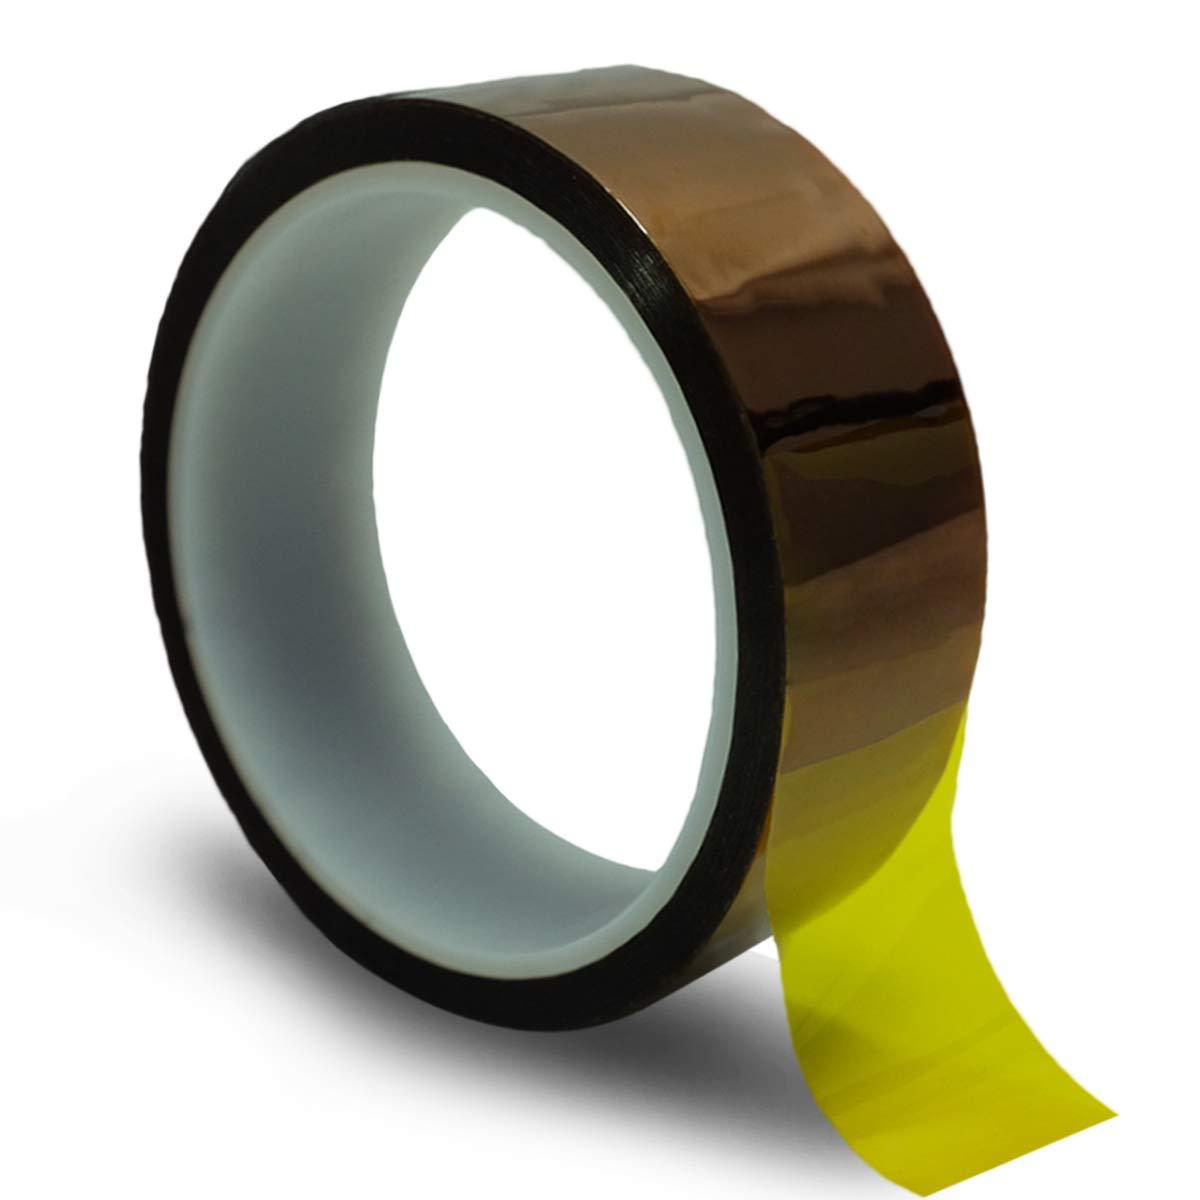 Cinta de Alta Temperatura 5 Rollos Cinta T/érmica Adhesiva Kapton Resistente a la Temperatura Cinta de Polyimide para Prensa en Caliente Circuito Soldadura de Esta/ño Enmascarar